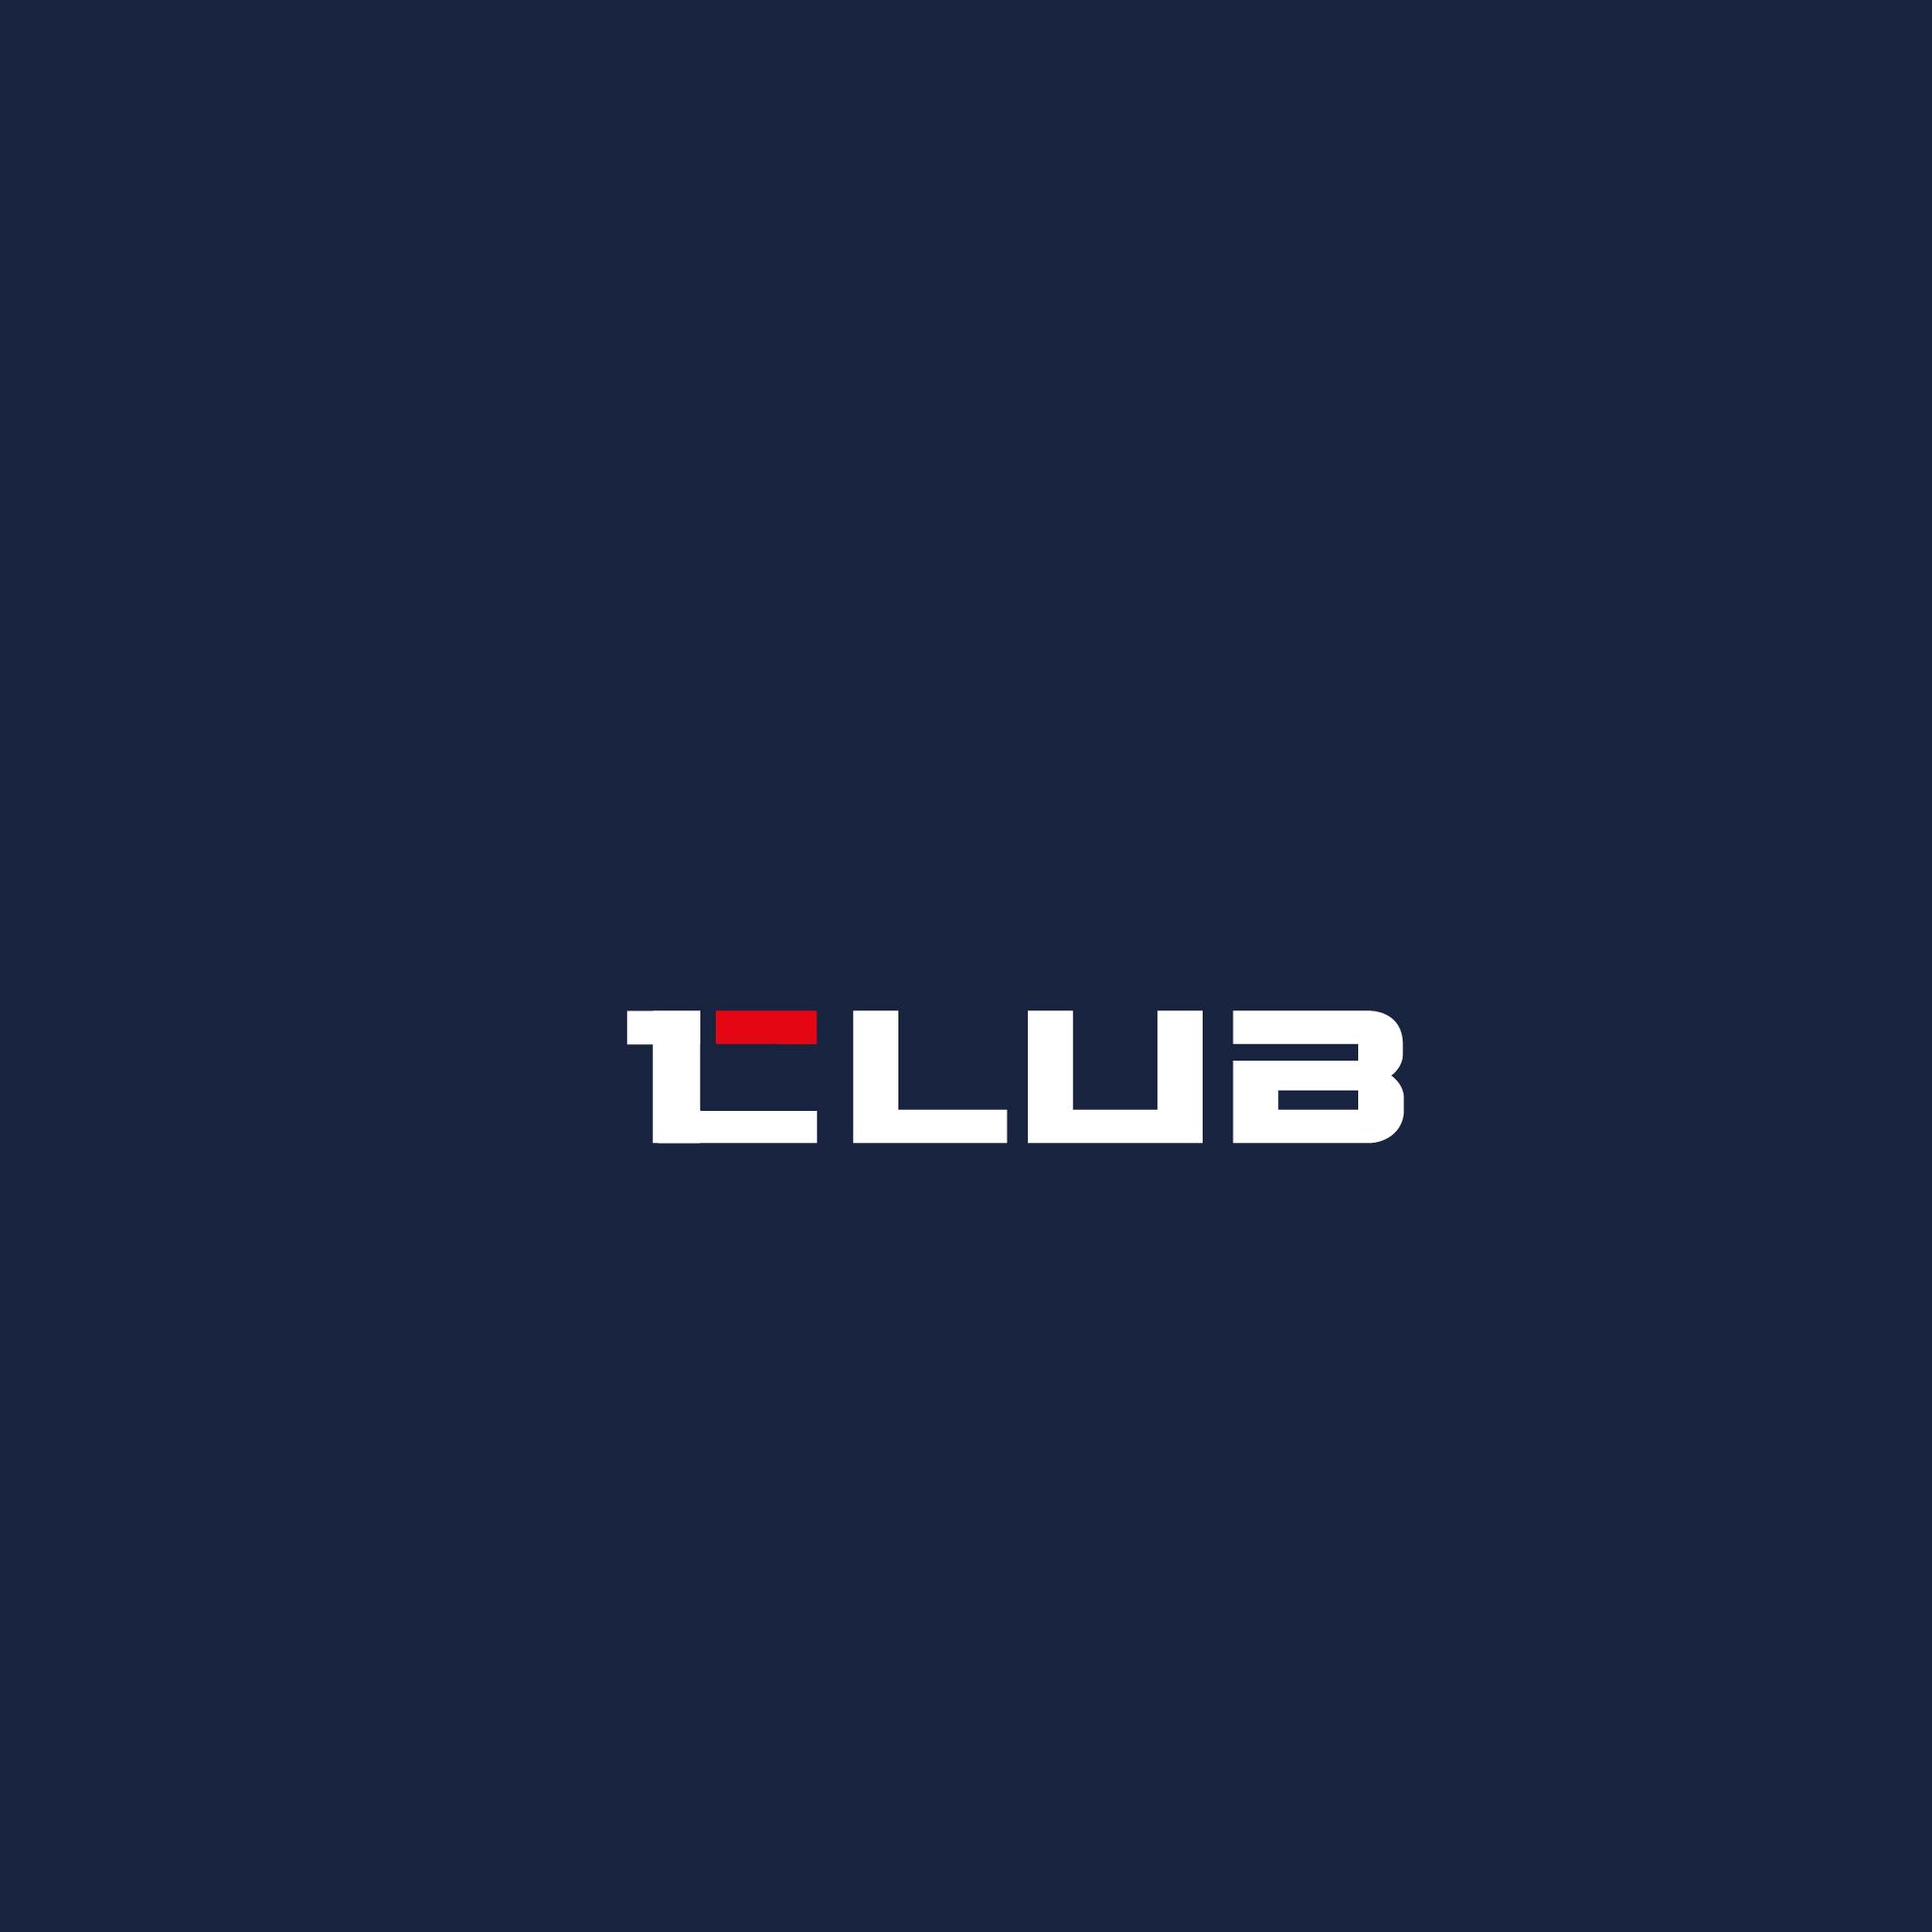 Логотип делового клуба фото f_5815f8743bb6533a.jpg